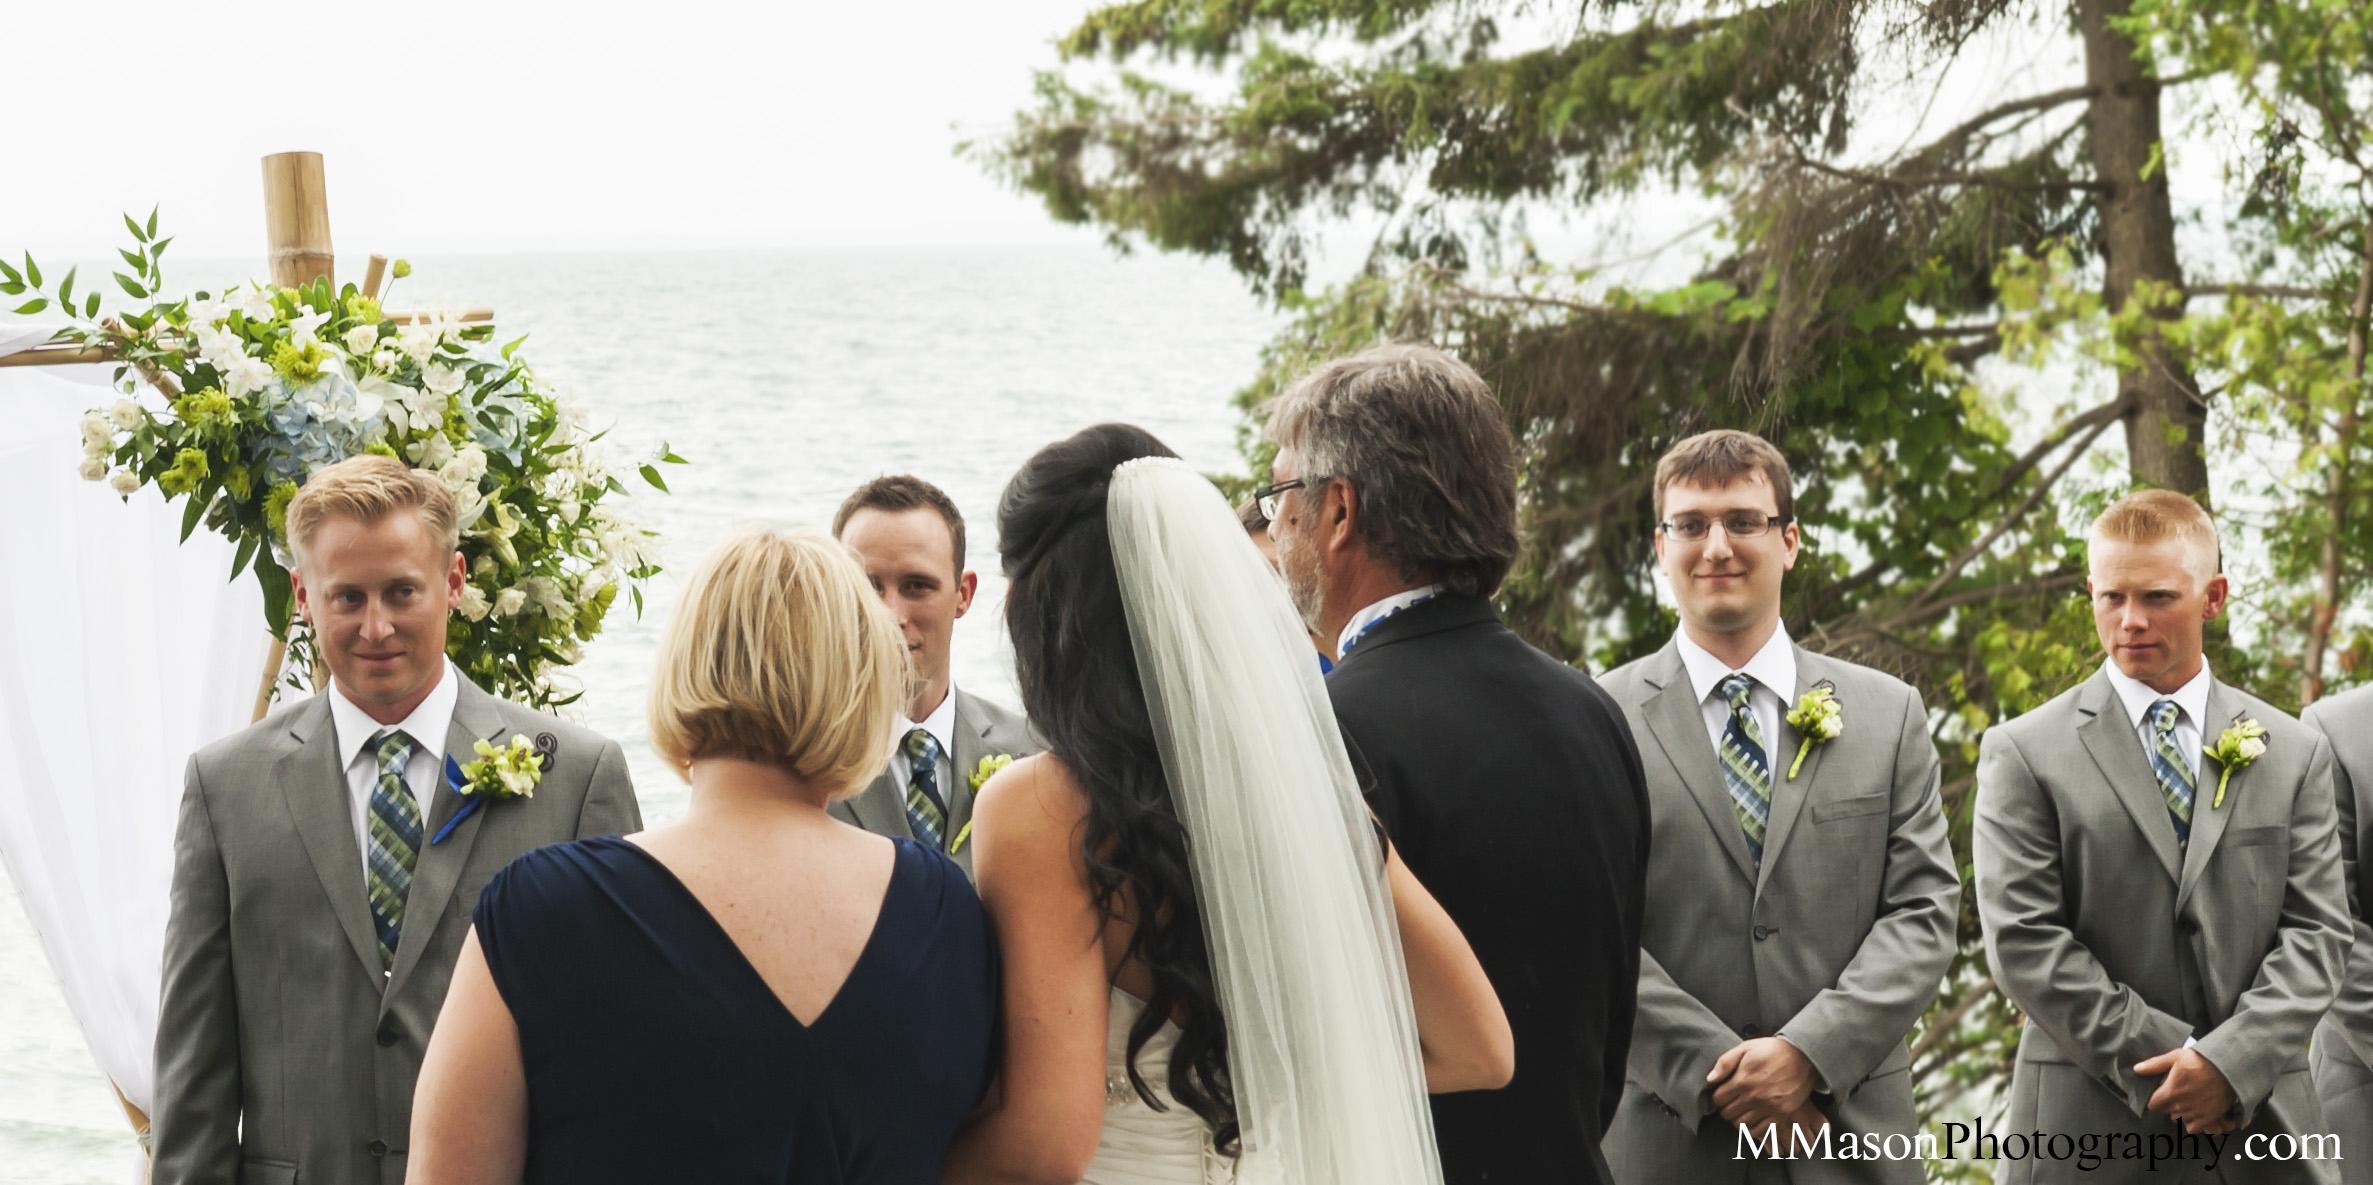 seeing the bride.jpg